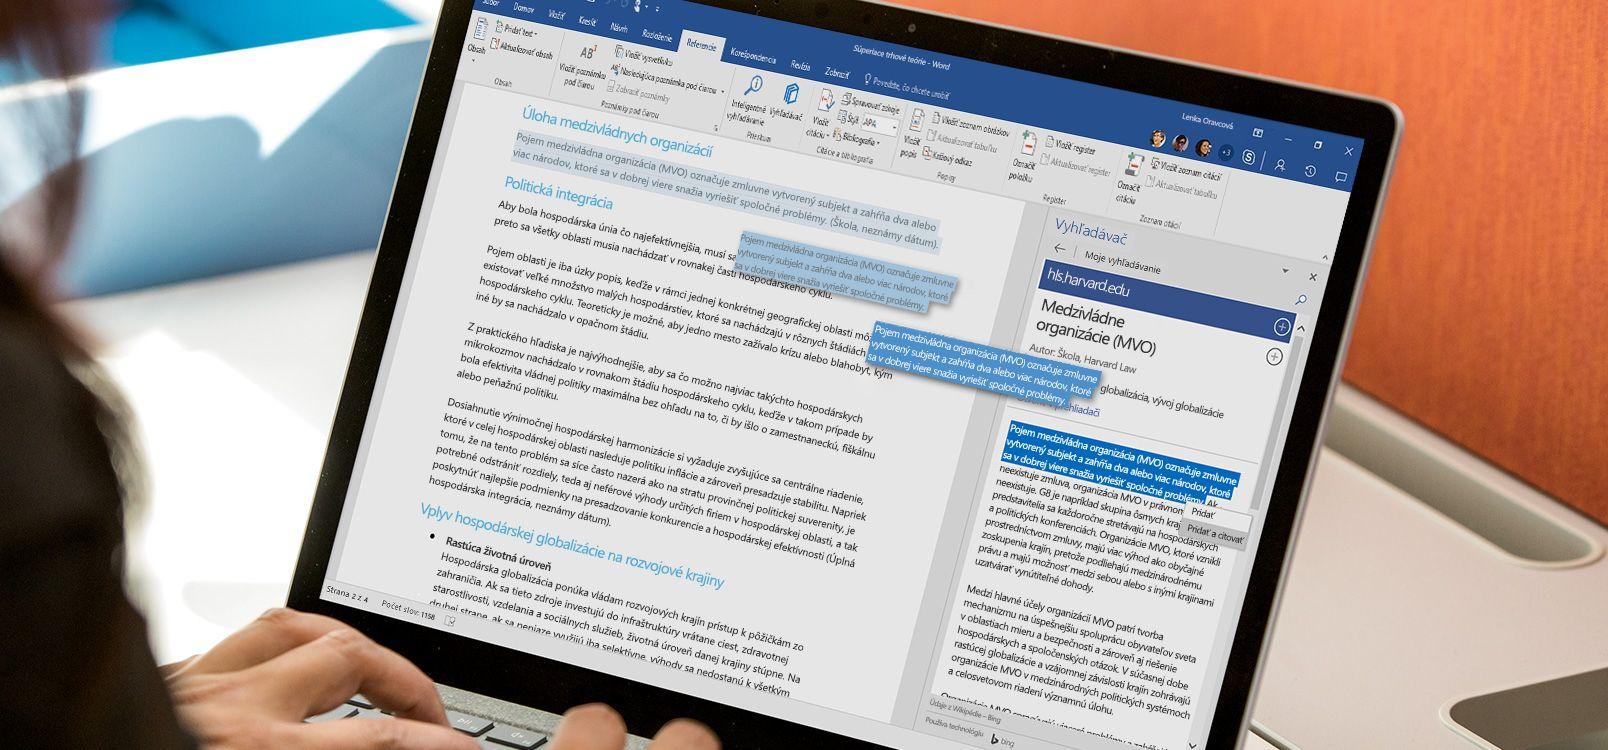 Obrazovka prenosného počítača so zobrazeným wordovým dokumentom, v ktorom sa používa Vyhľadávač